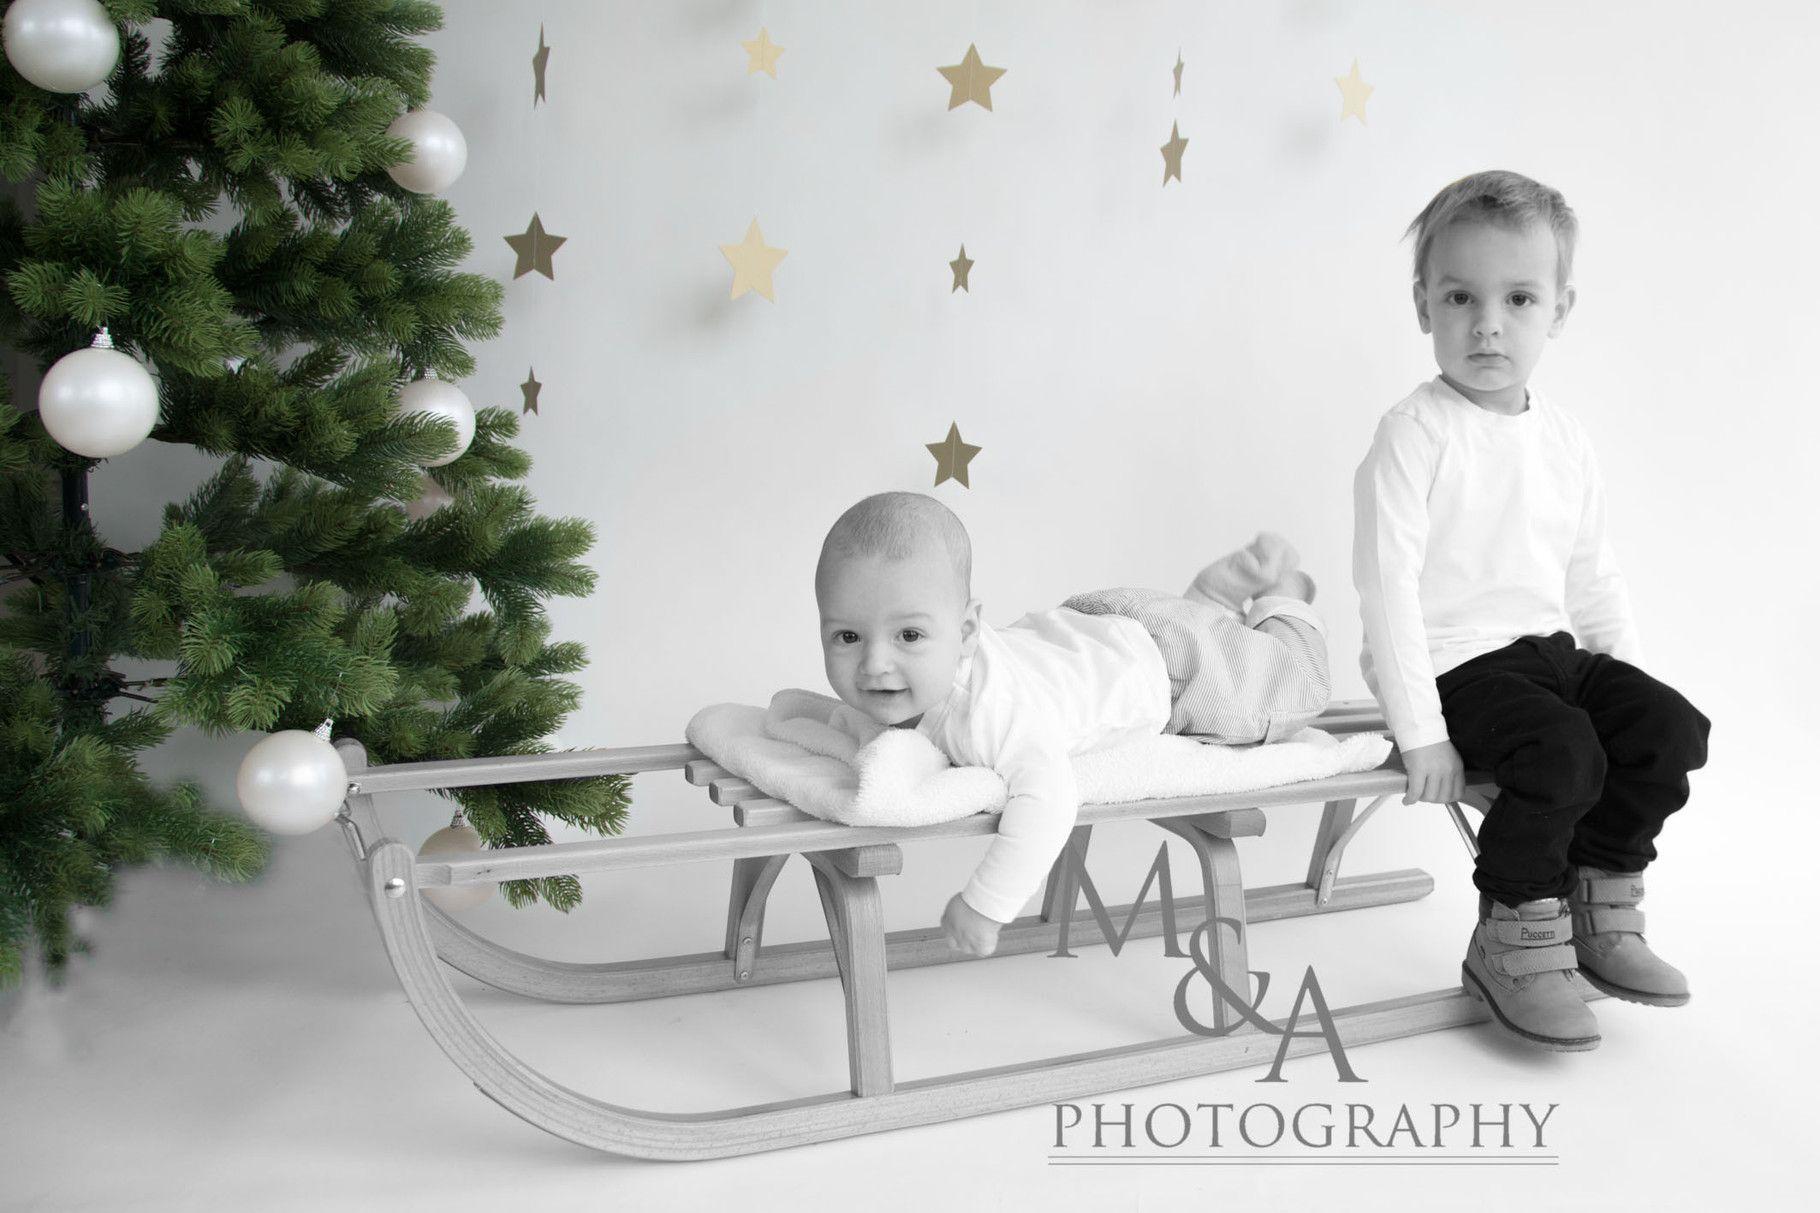 Kinderfotografie fotografie studio nat rliches licht - Kinderfotos weihnachten ...